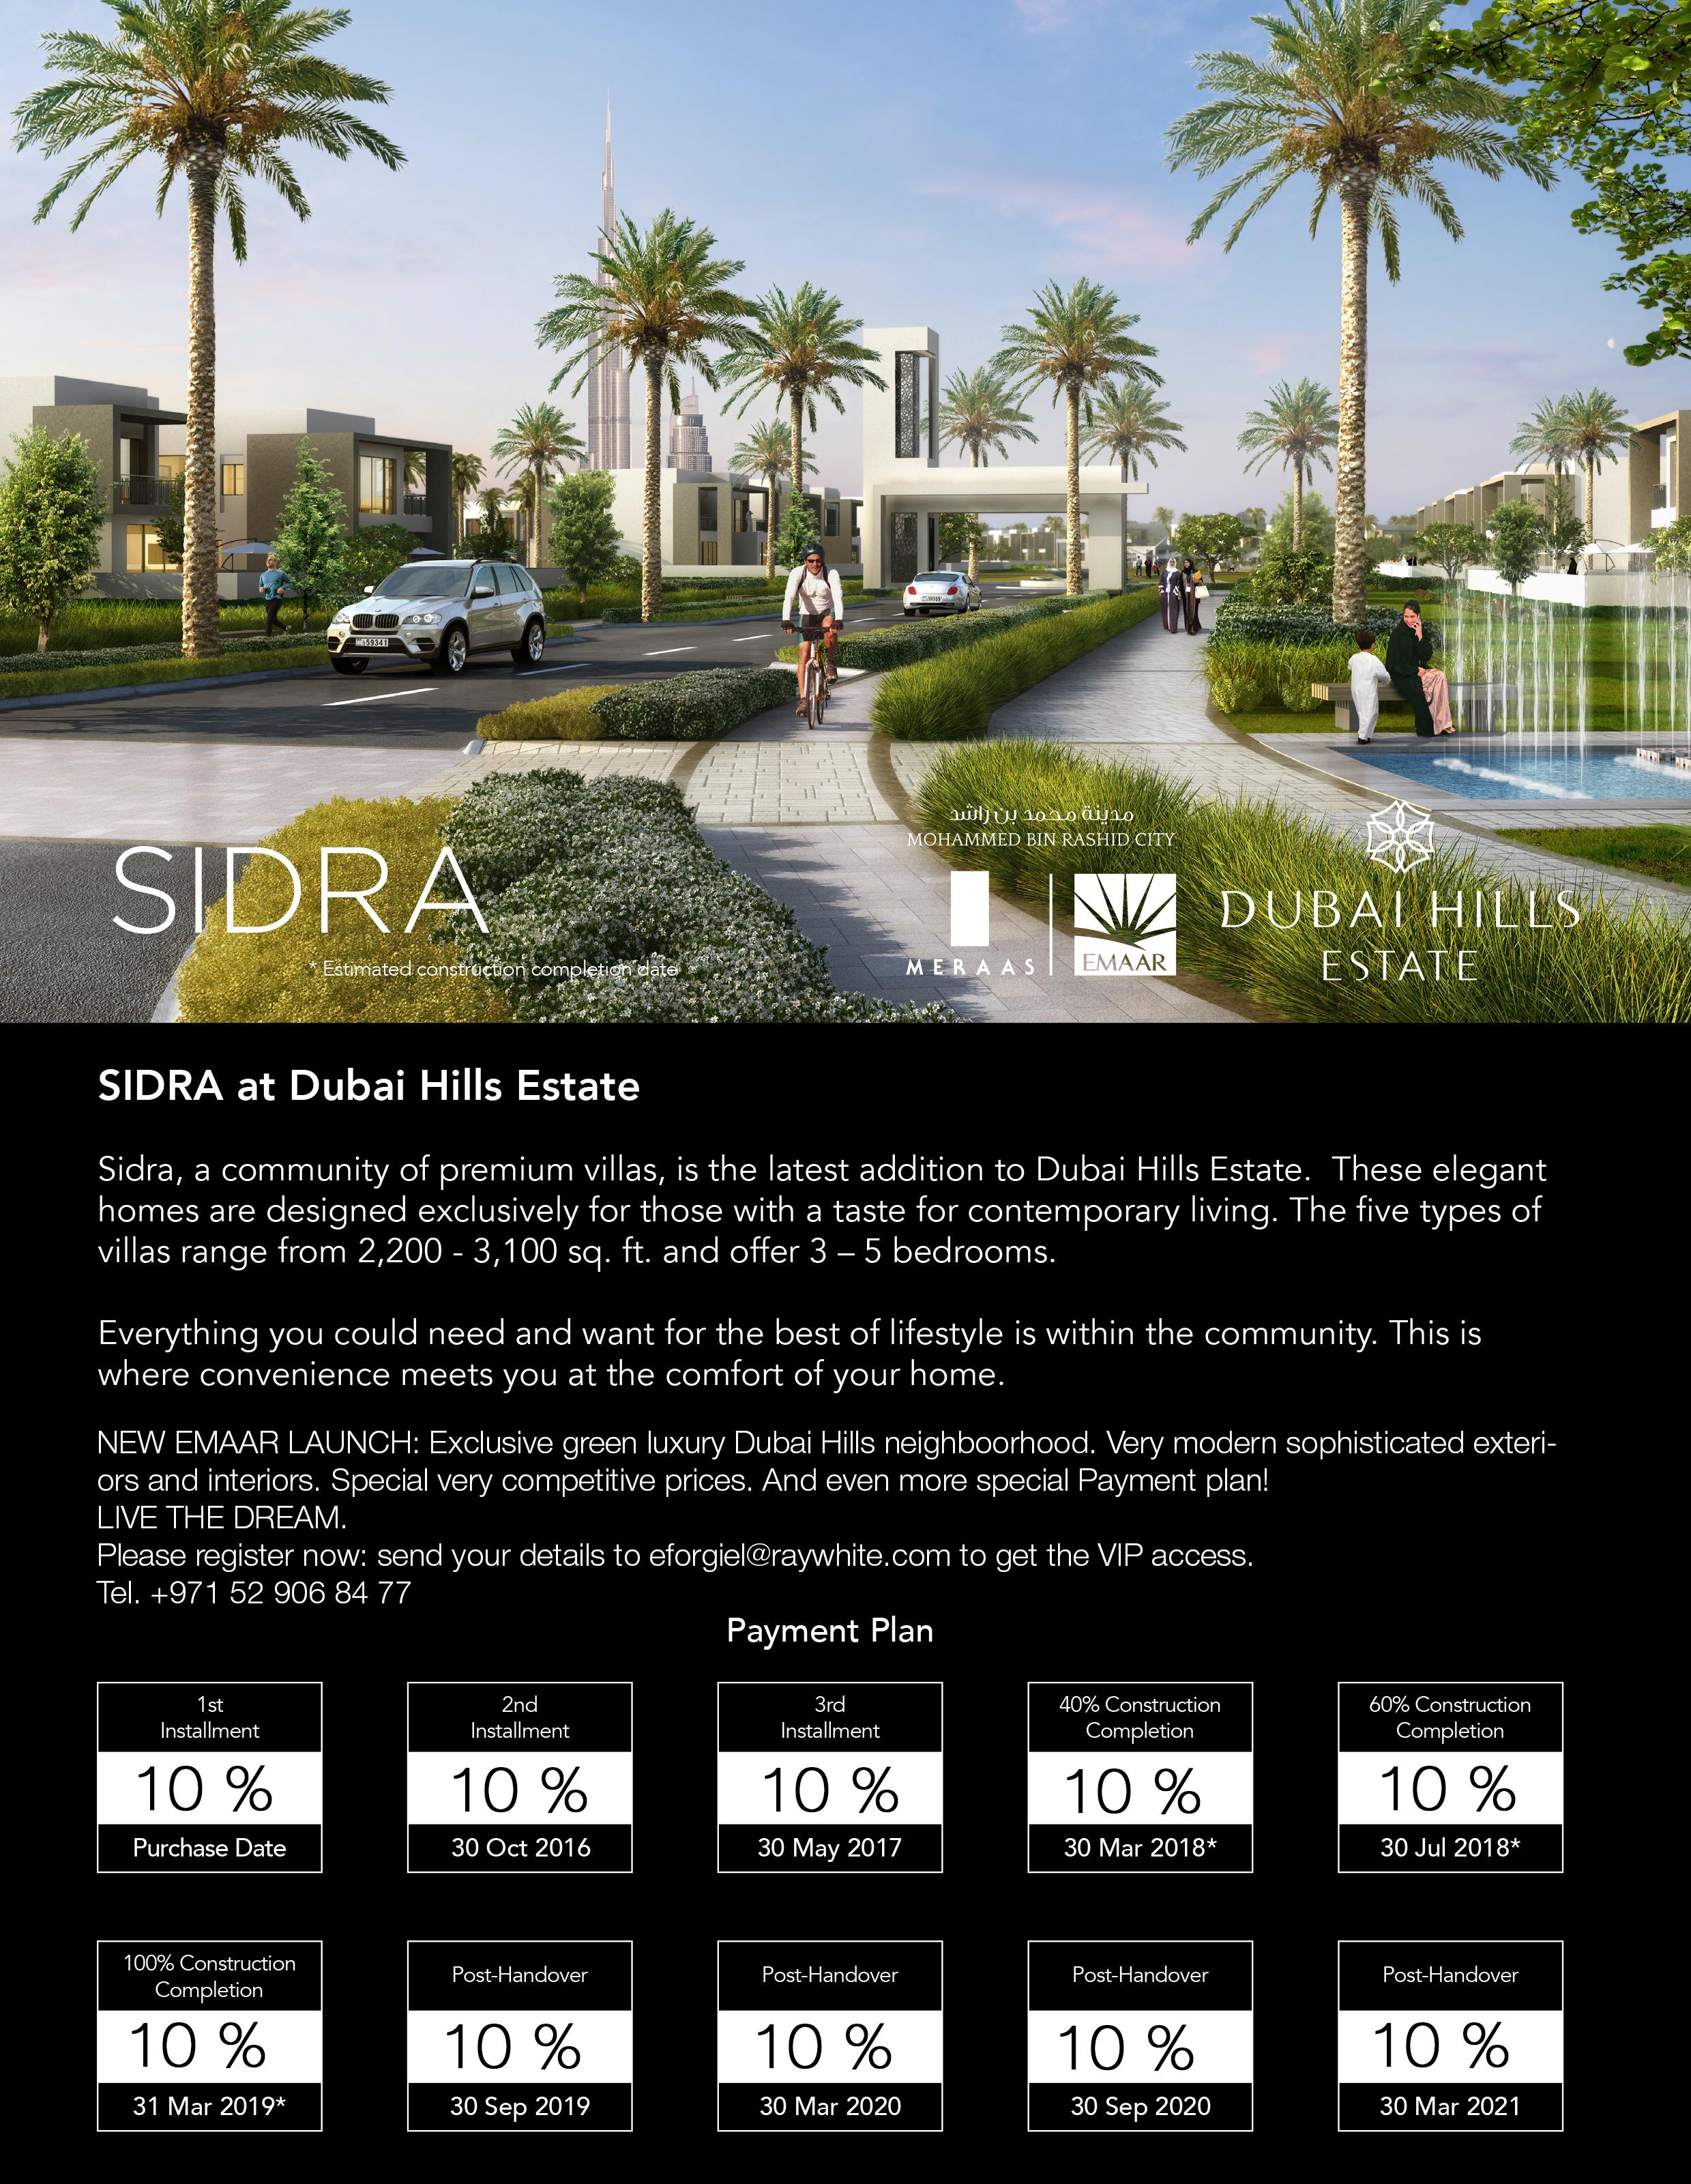 Sidra payment plan-V2